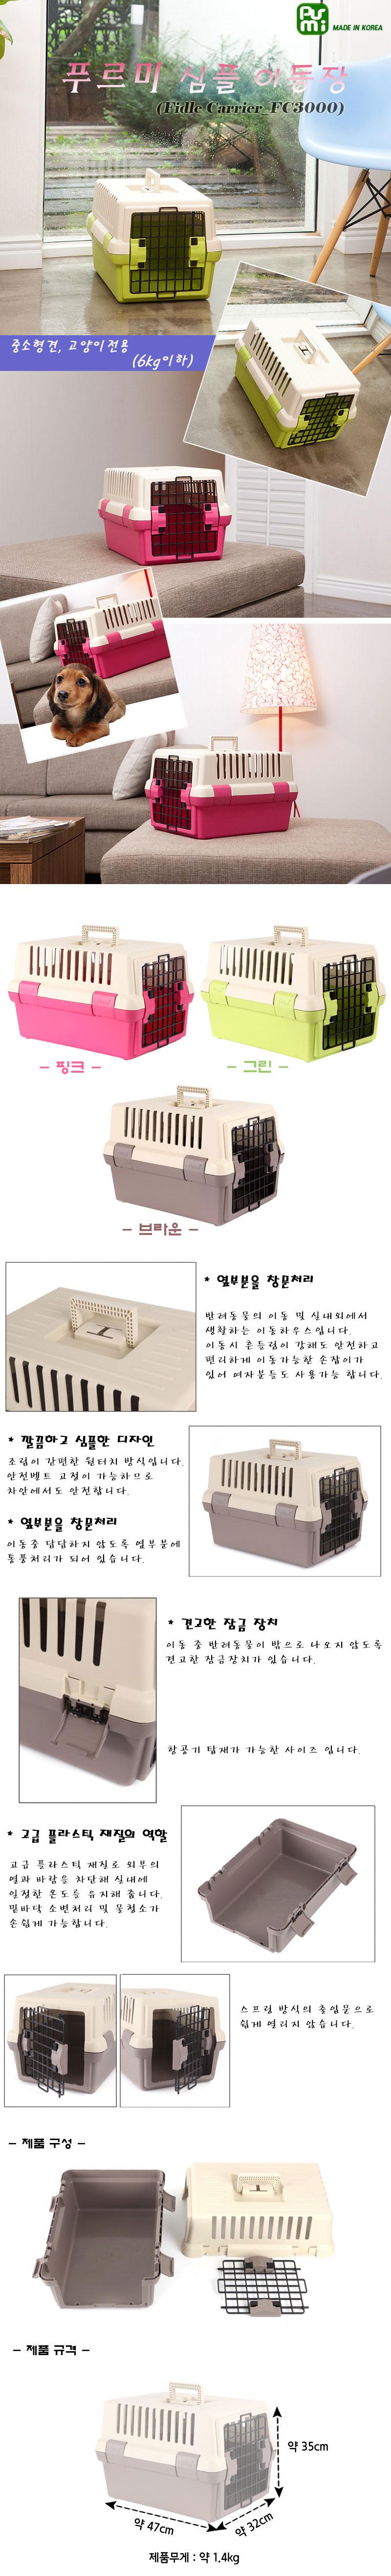 푸르미 심플 펫 이동장FC3000(핑크) - 푸르미, 23,250원, 이동장/리드줄/야외용품, 이동가방